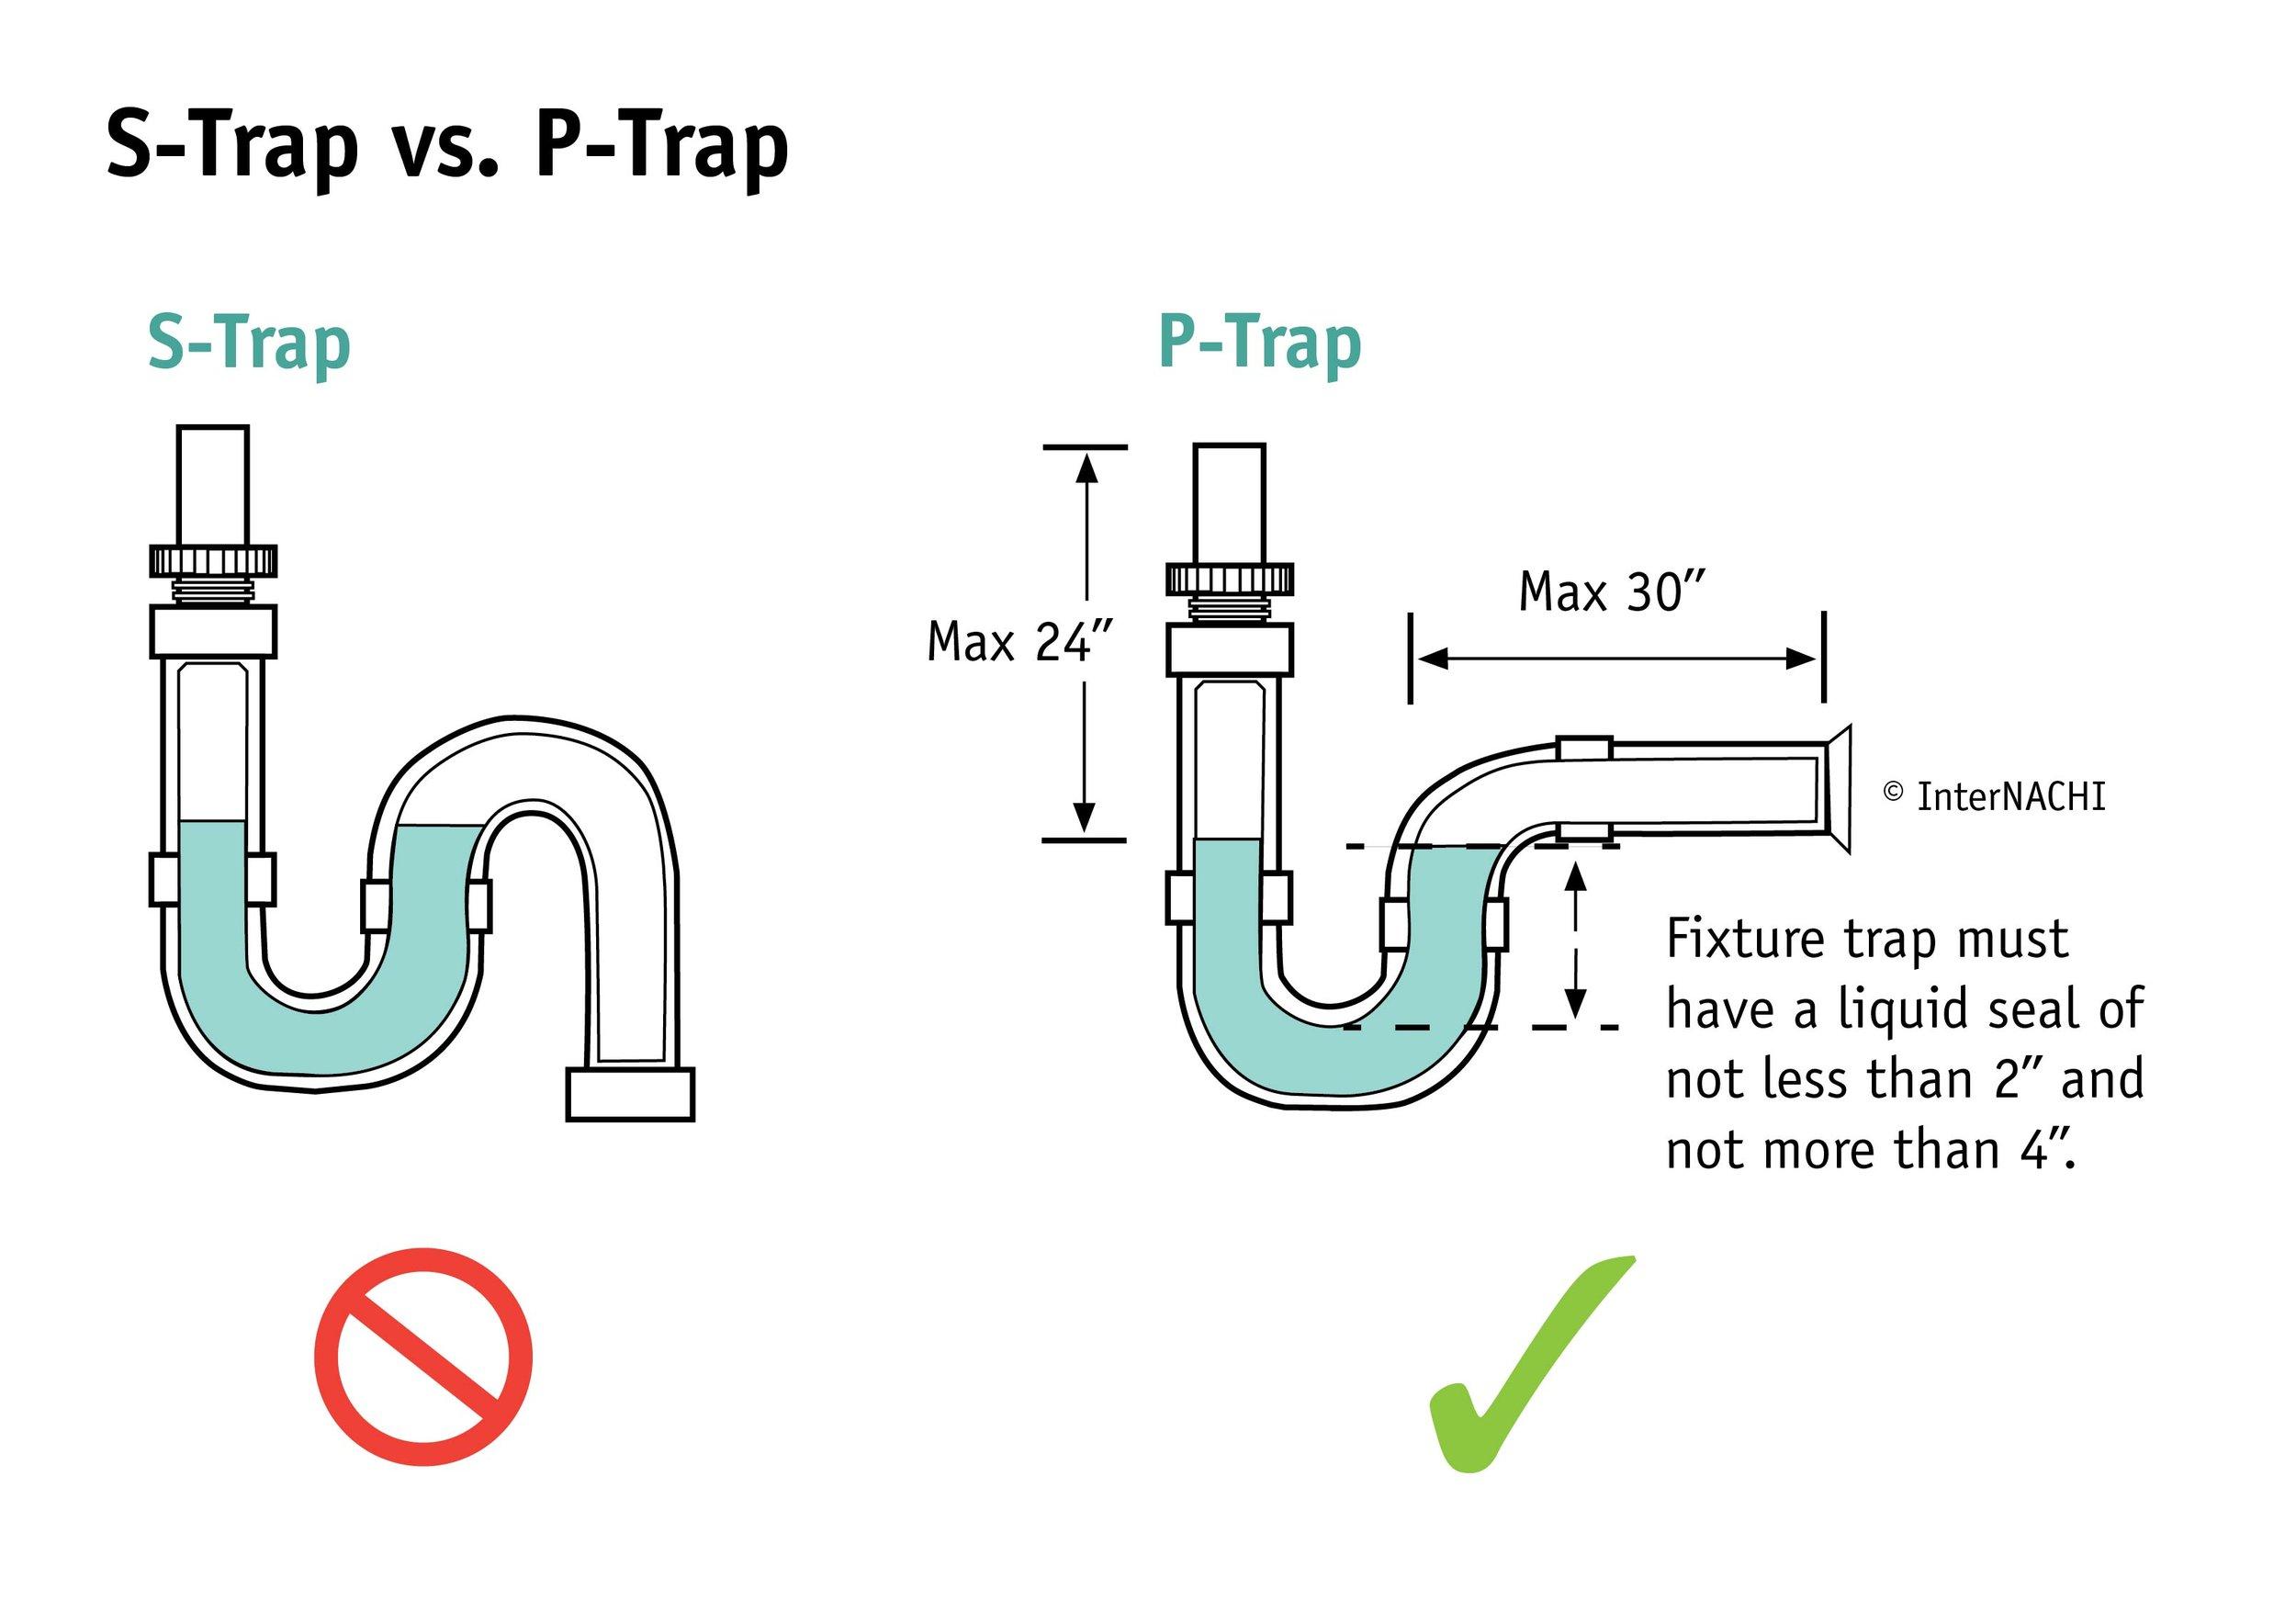 S-trap vs p-trap plumbing